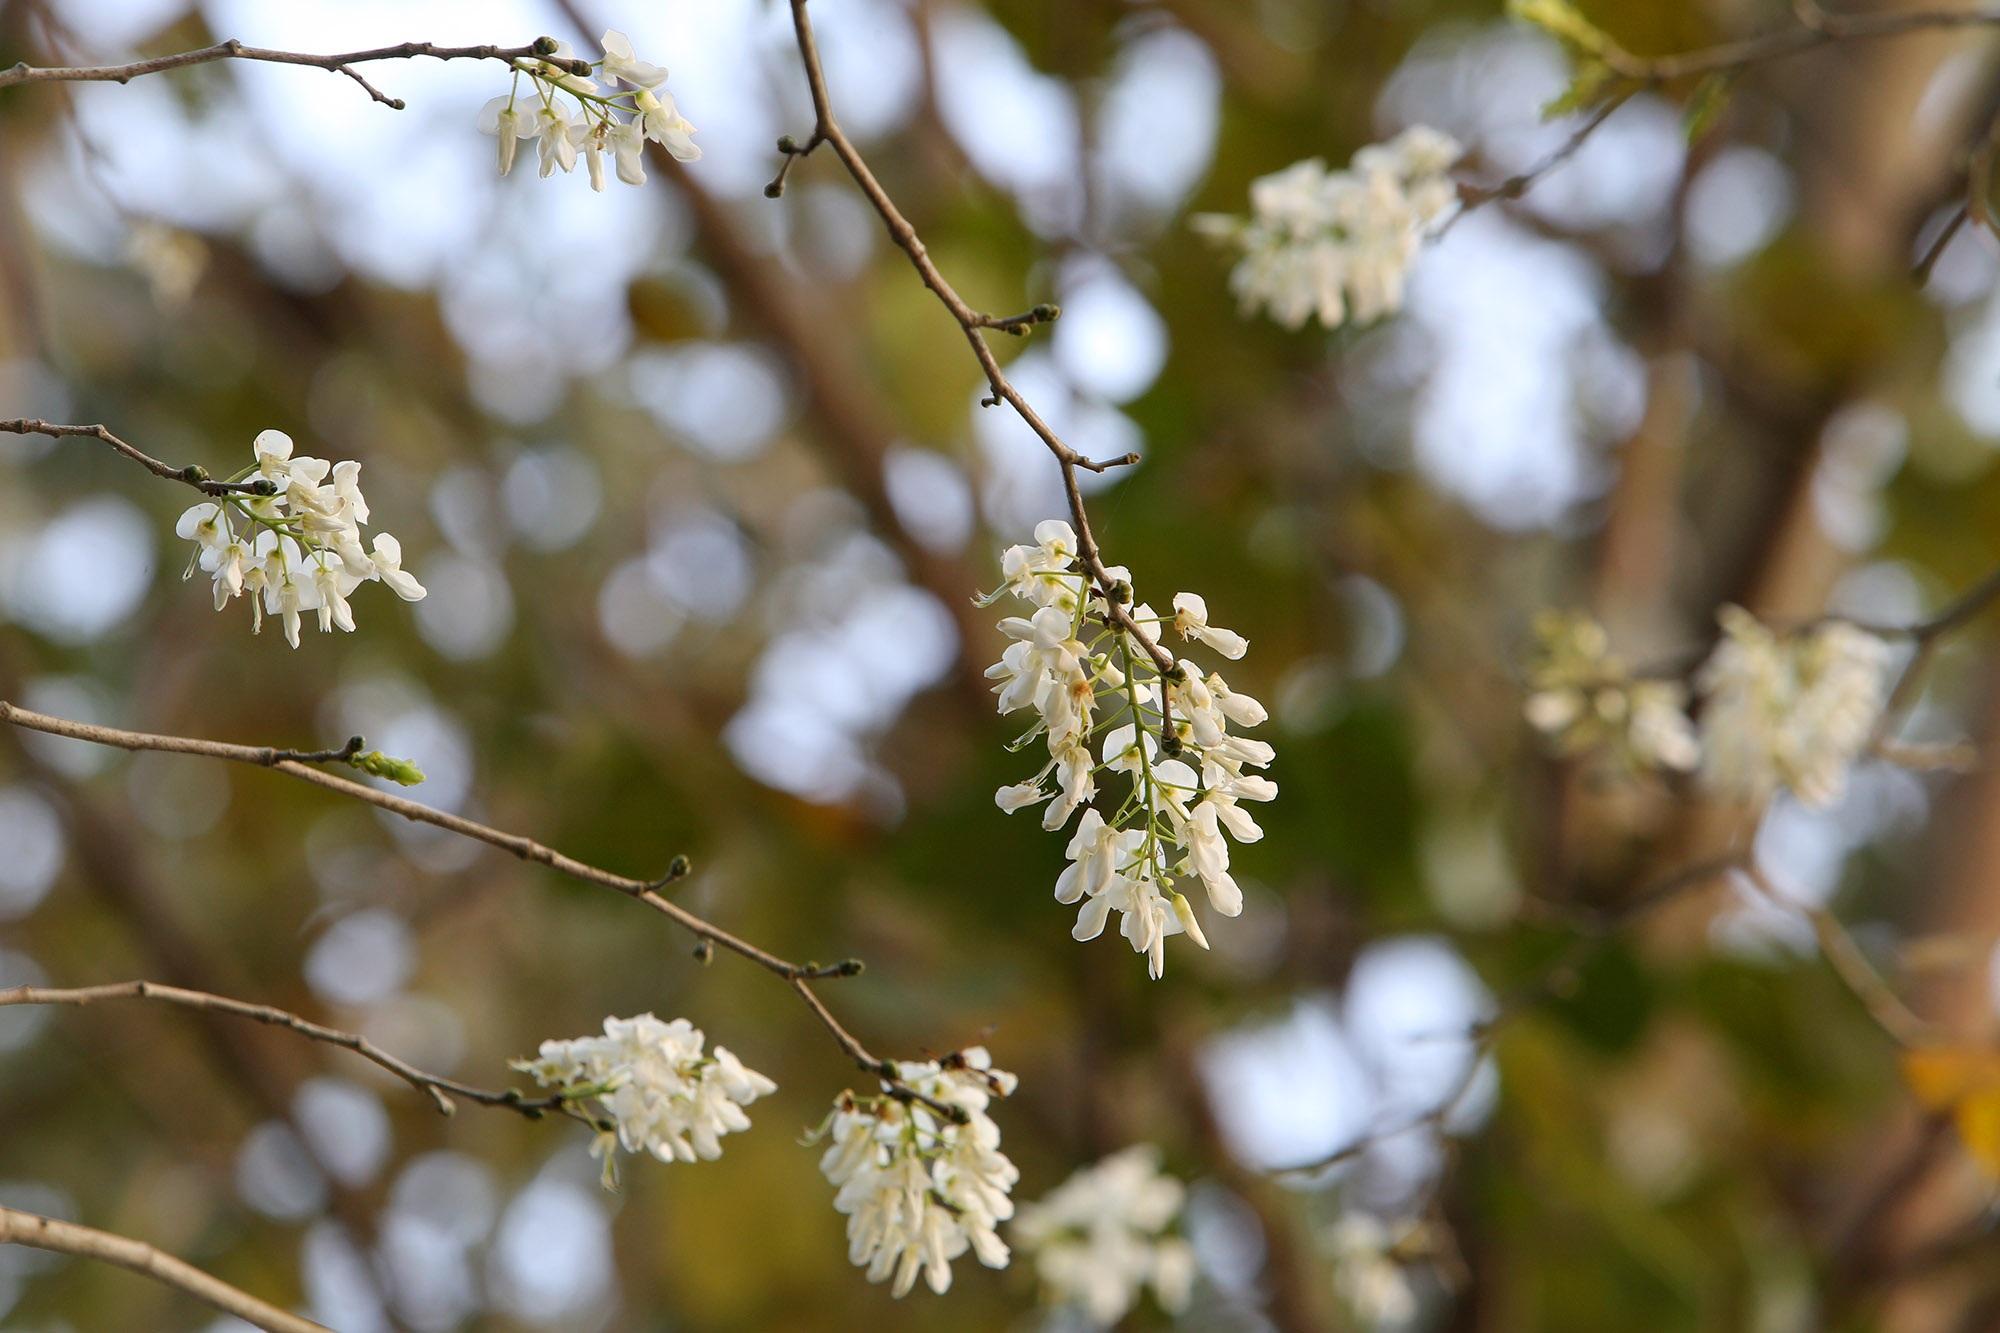 Ngắm hoa sưa nở trắng trời Hà Nội - 4